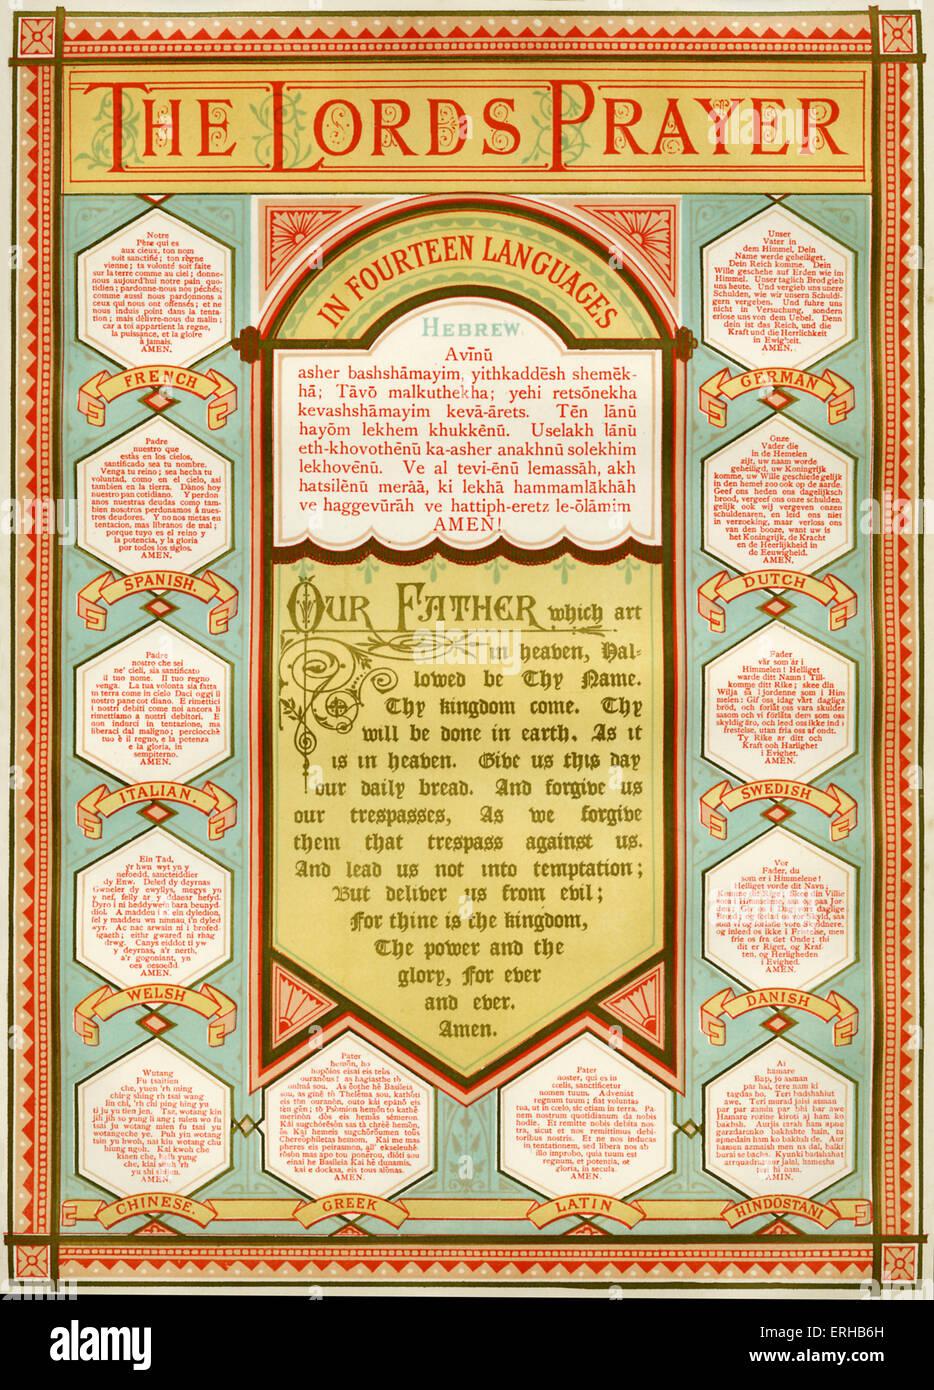 Version illustrée de la prière du Seigneur en 10 langues dont l'Hébreu, Français, Espagnol, Photo Stock